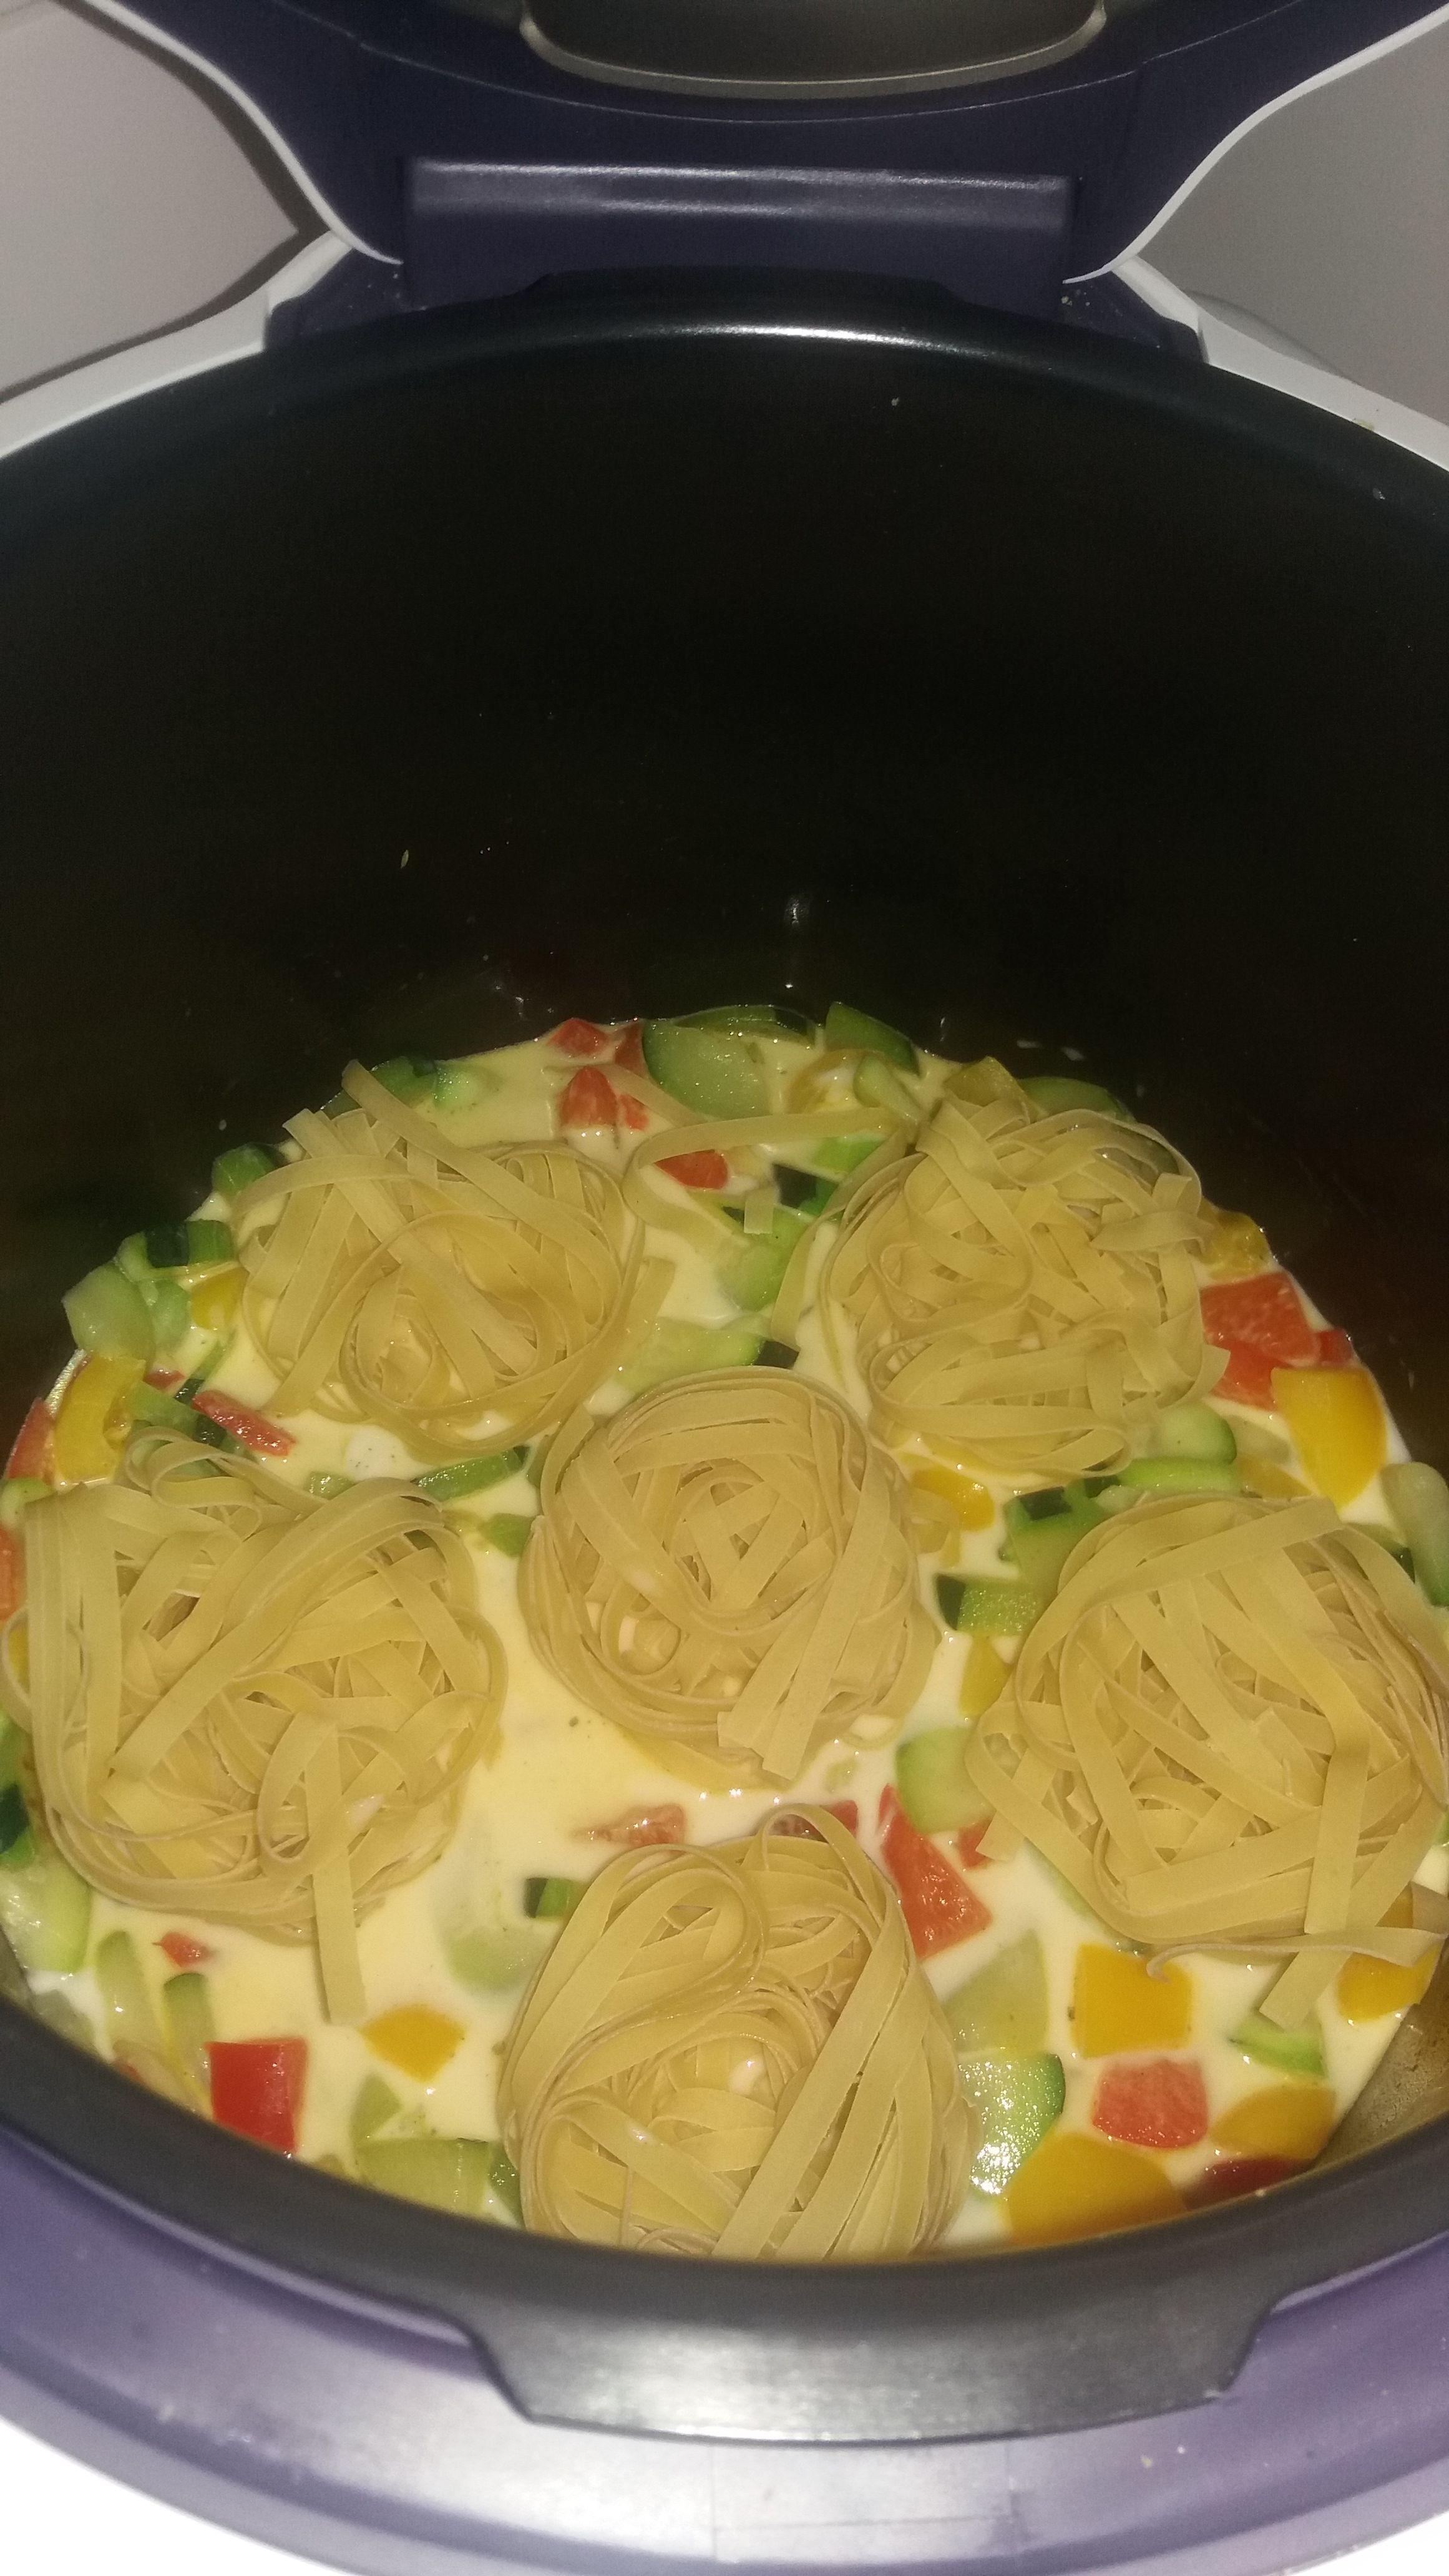 Idee Repas Avec Pates.Une Très Bonne Recette De Pâte Cuisinée Avec Des Légumes